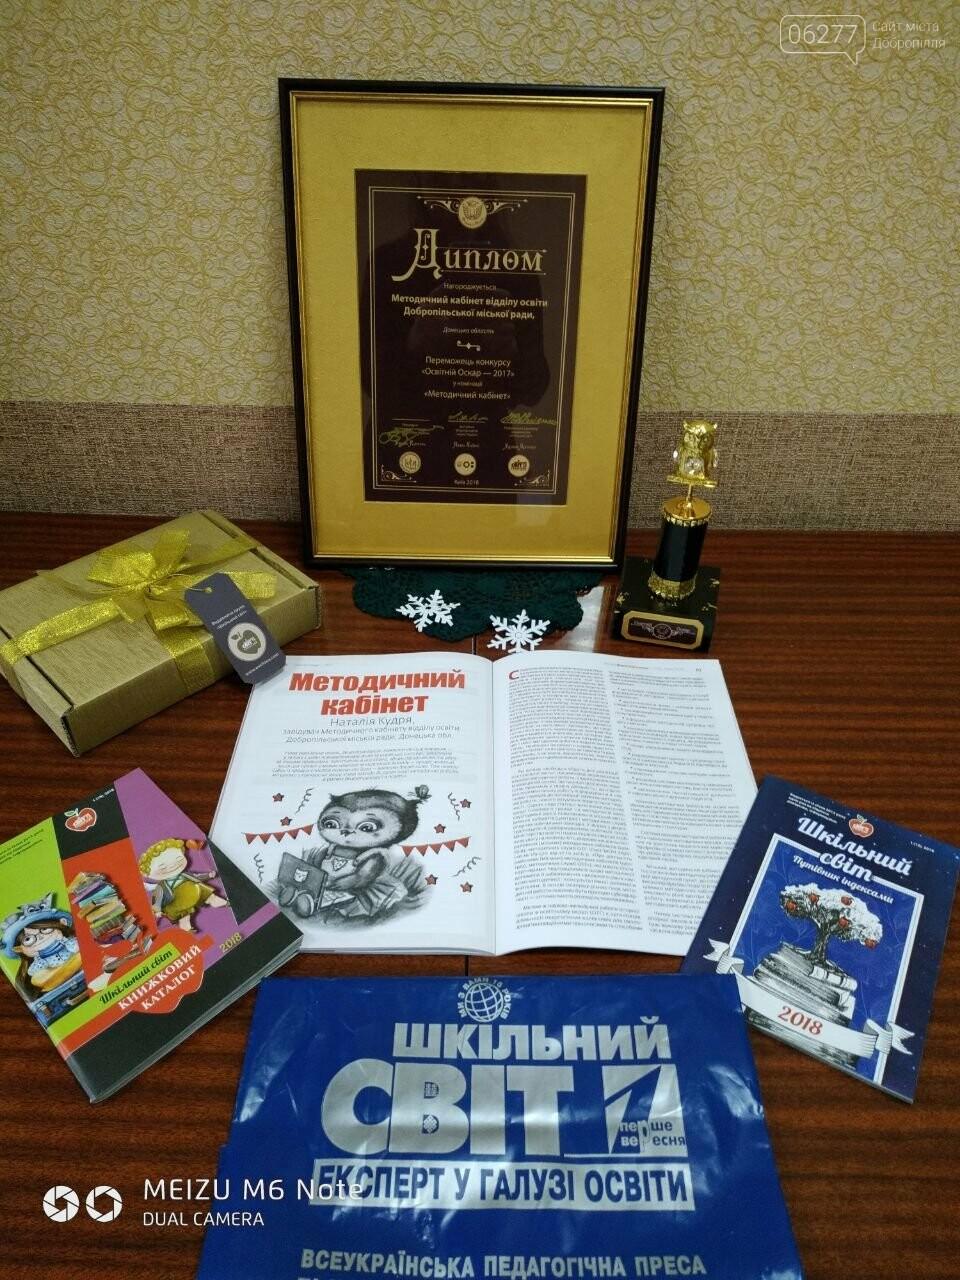 Методичний кабінет відділу освіти Добропільської міської ради -  переможець Всеукраїнського конкурсу  «Освітній Оскар - 2017», фото-2